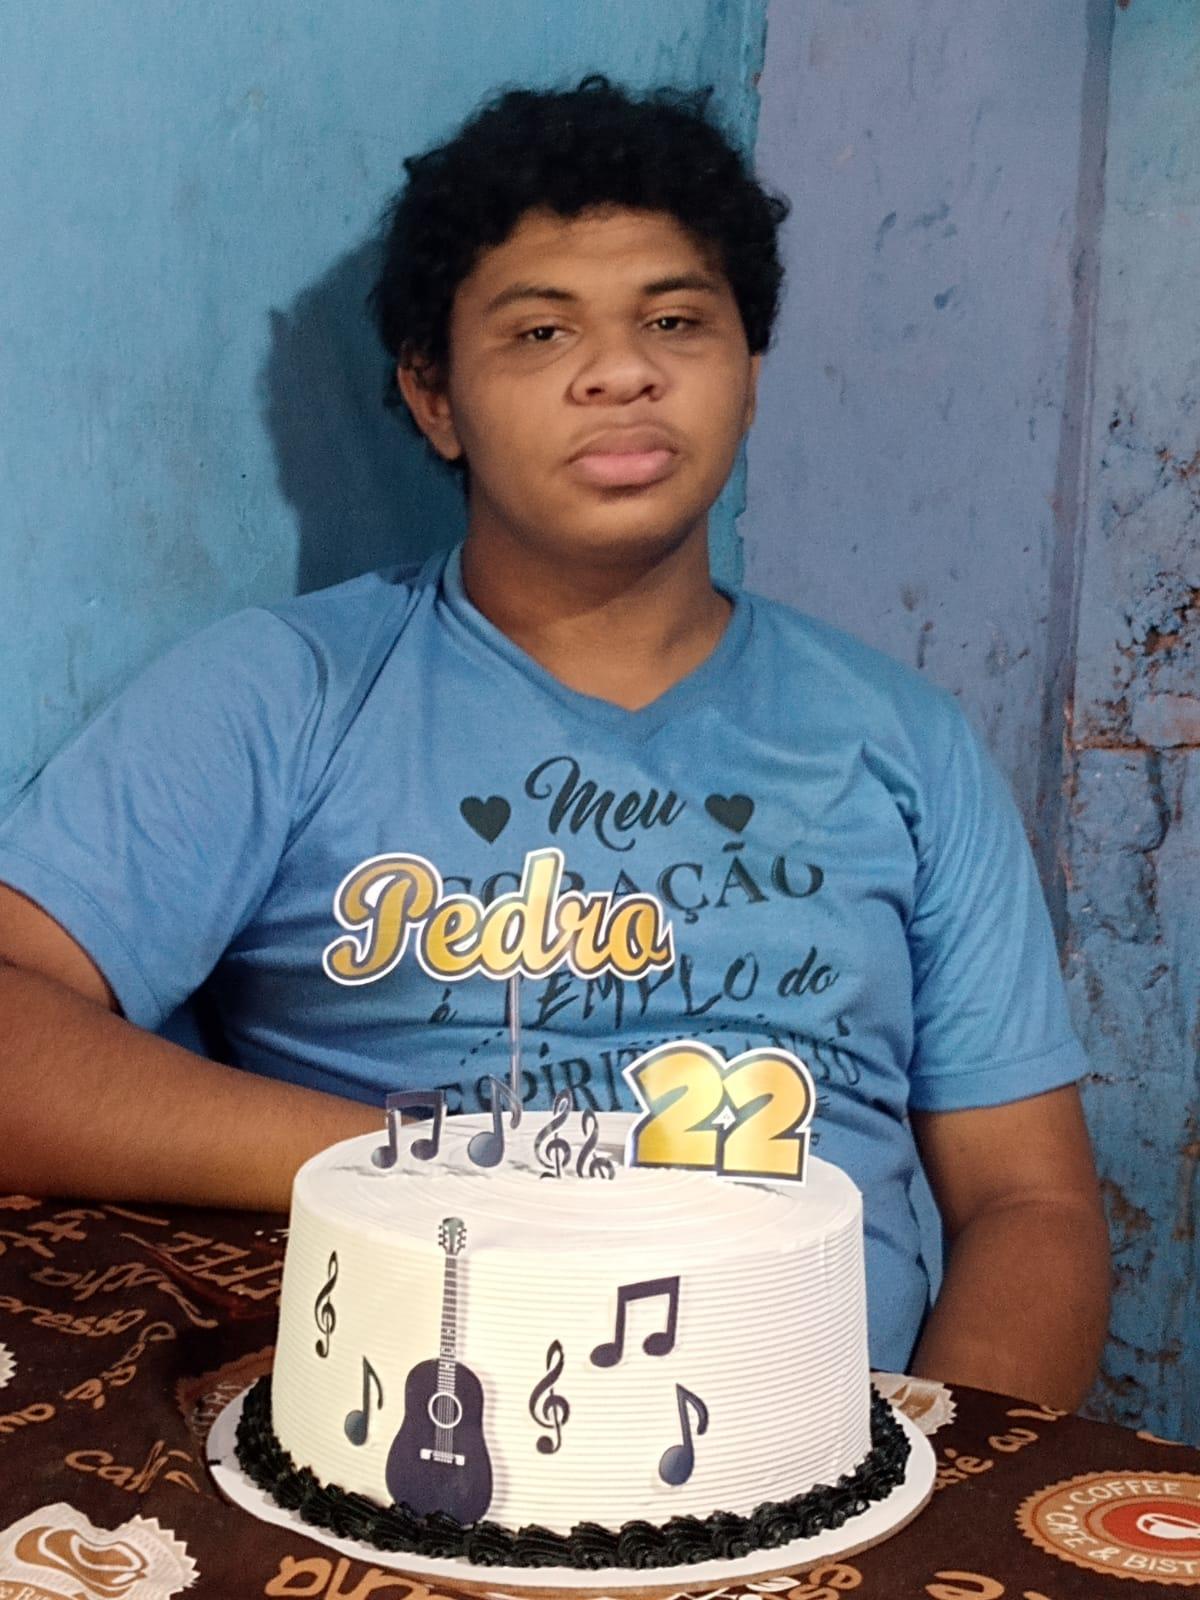 Pedro saiu de casa no último domingo e até agora a família não sabe sobre seu paradeiro - Foto: Arquivo Pessoal